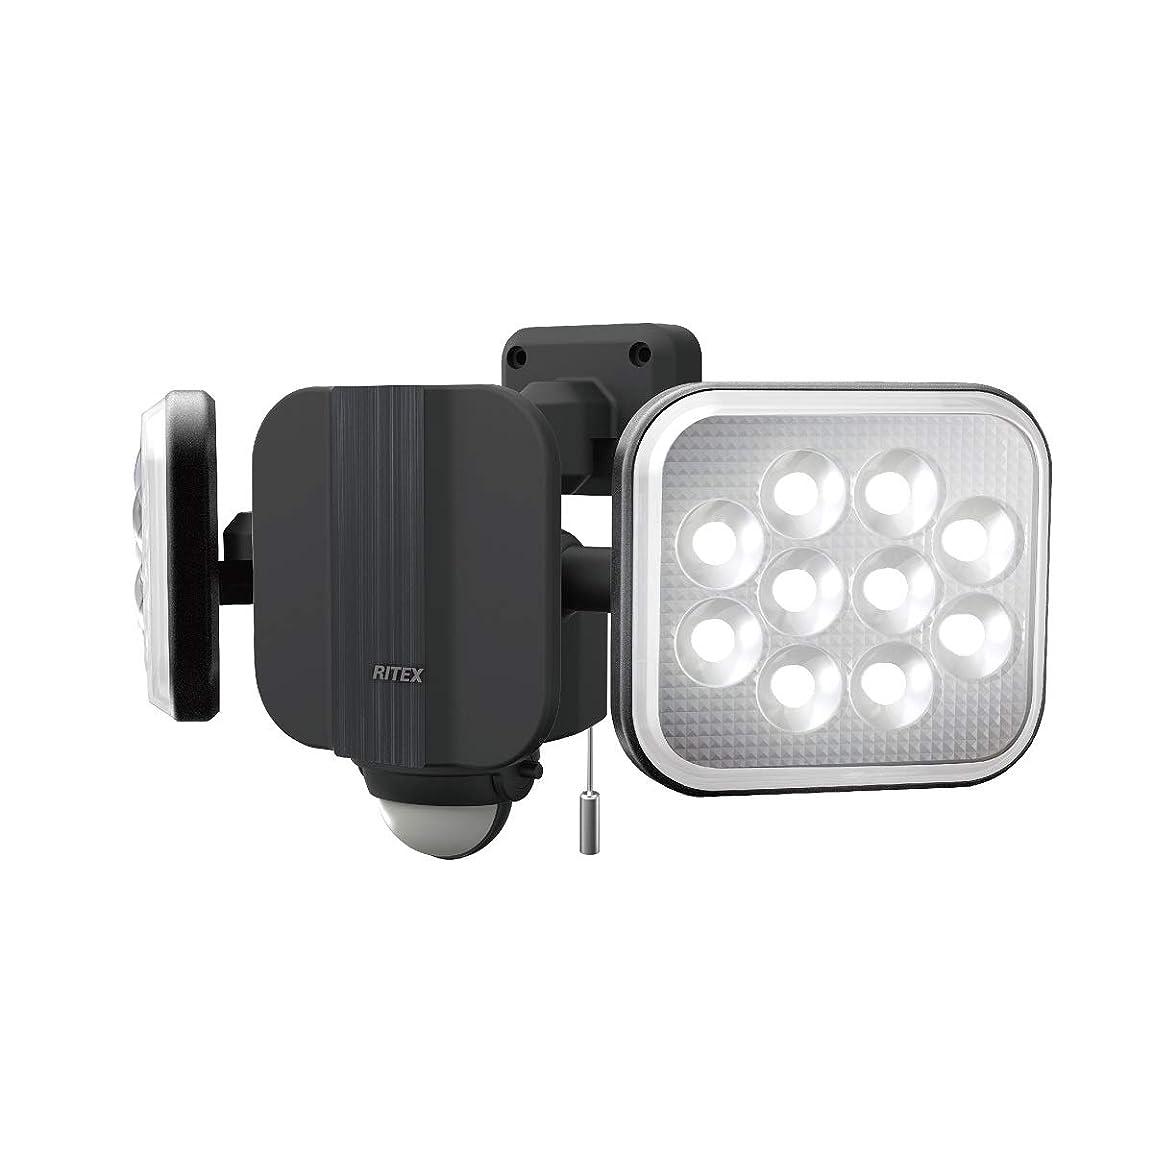 政治家のキャッチルアームサシ(MUSASHI) センサーライト ブラック 本体サイズ: 幅 31.3 × 奥行 12.5 ×高さ 14.6 cm 14W×2灯フリーアーム式LEDセンサーライト LED-AC2028